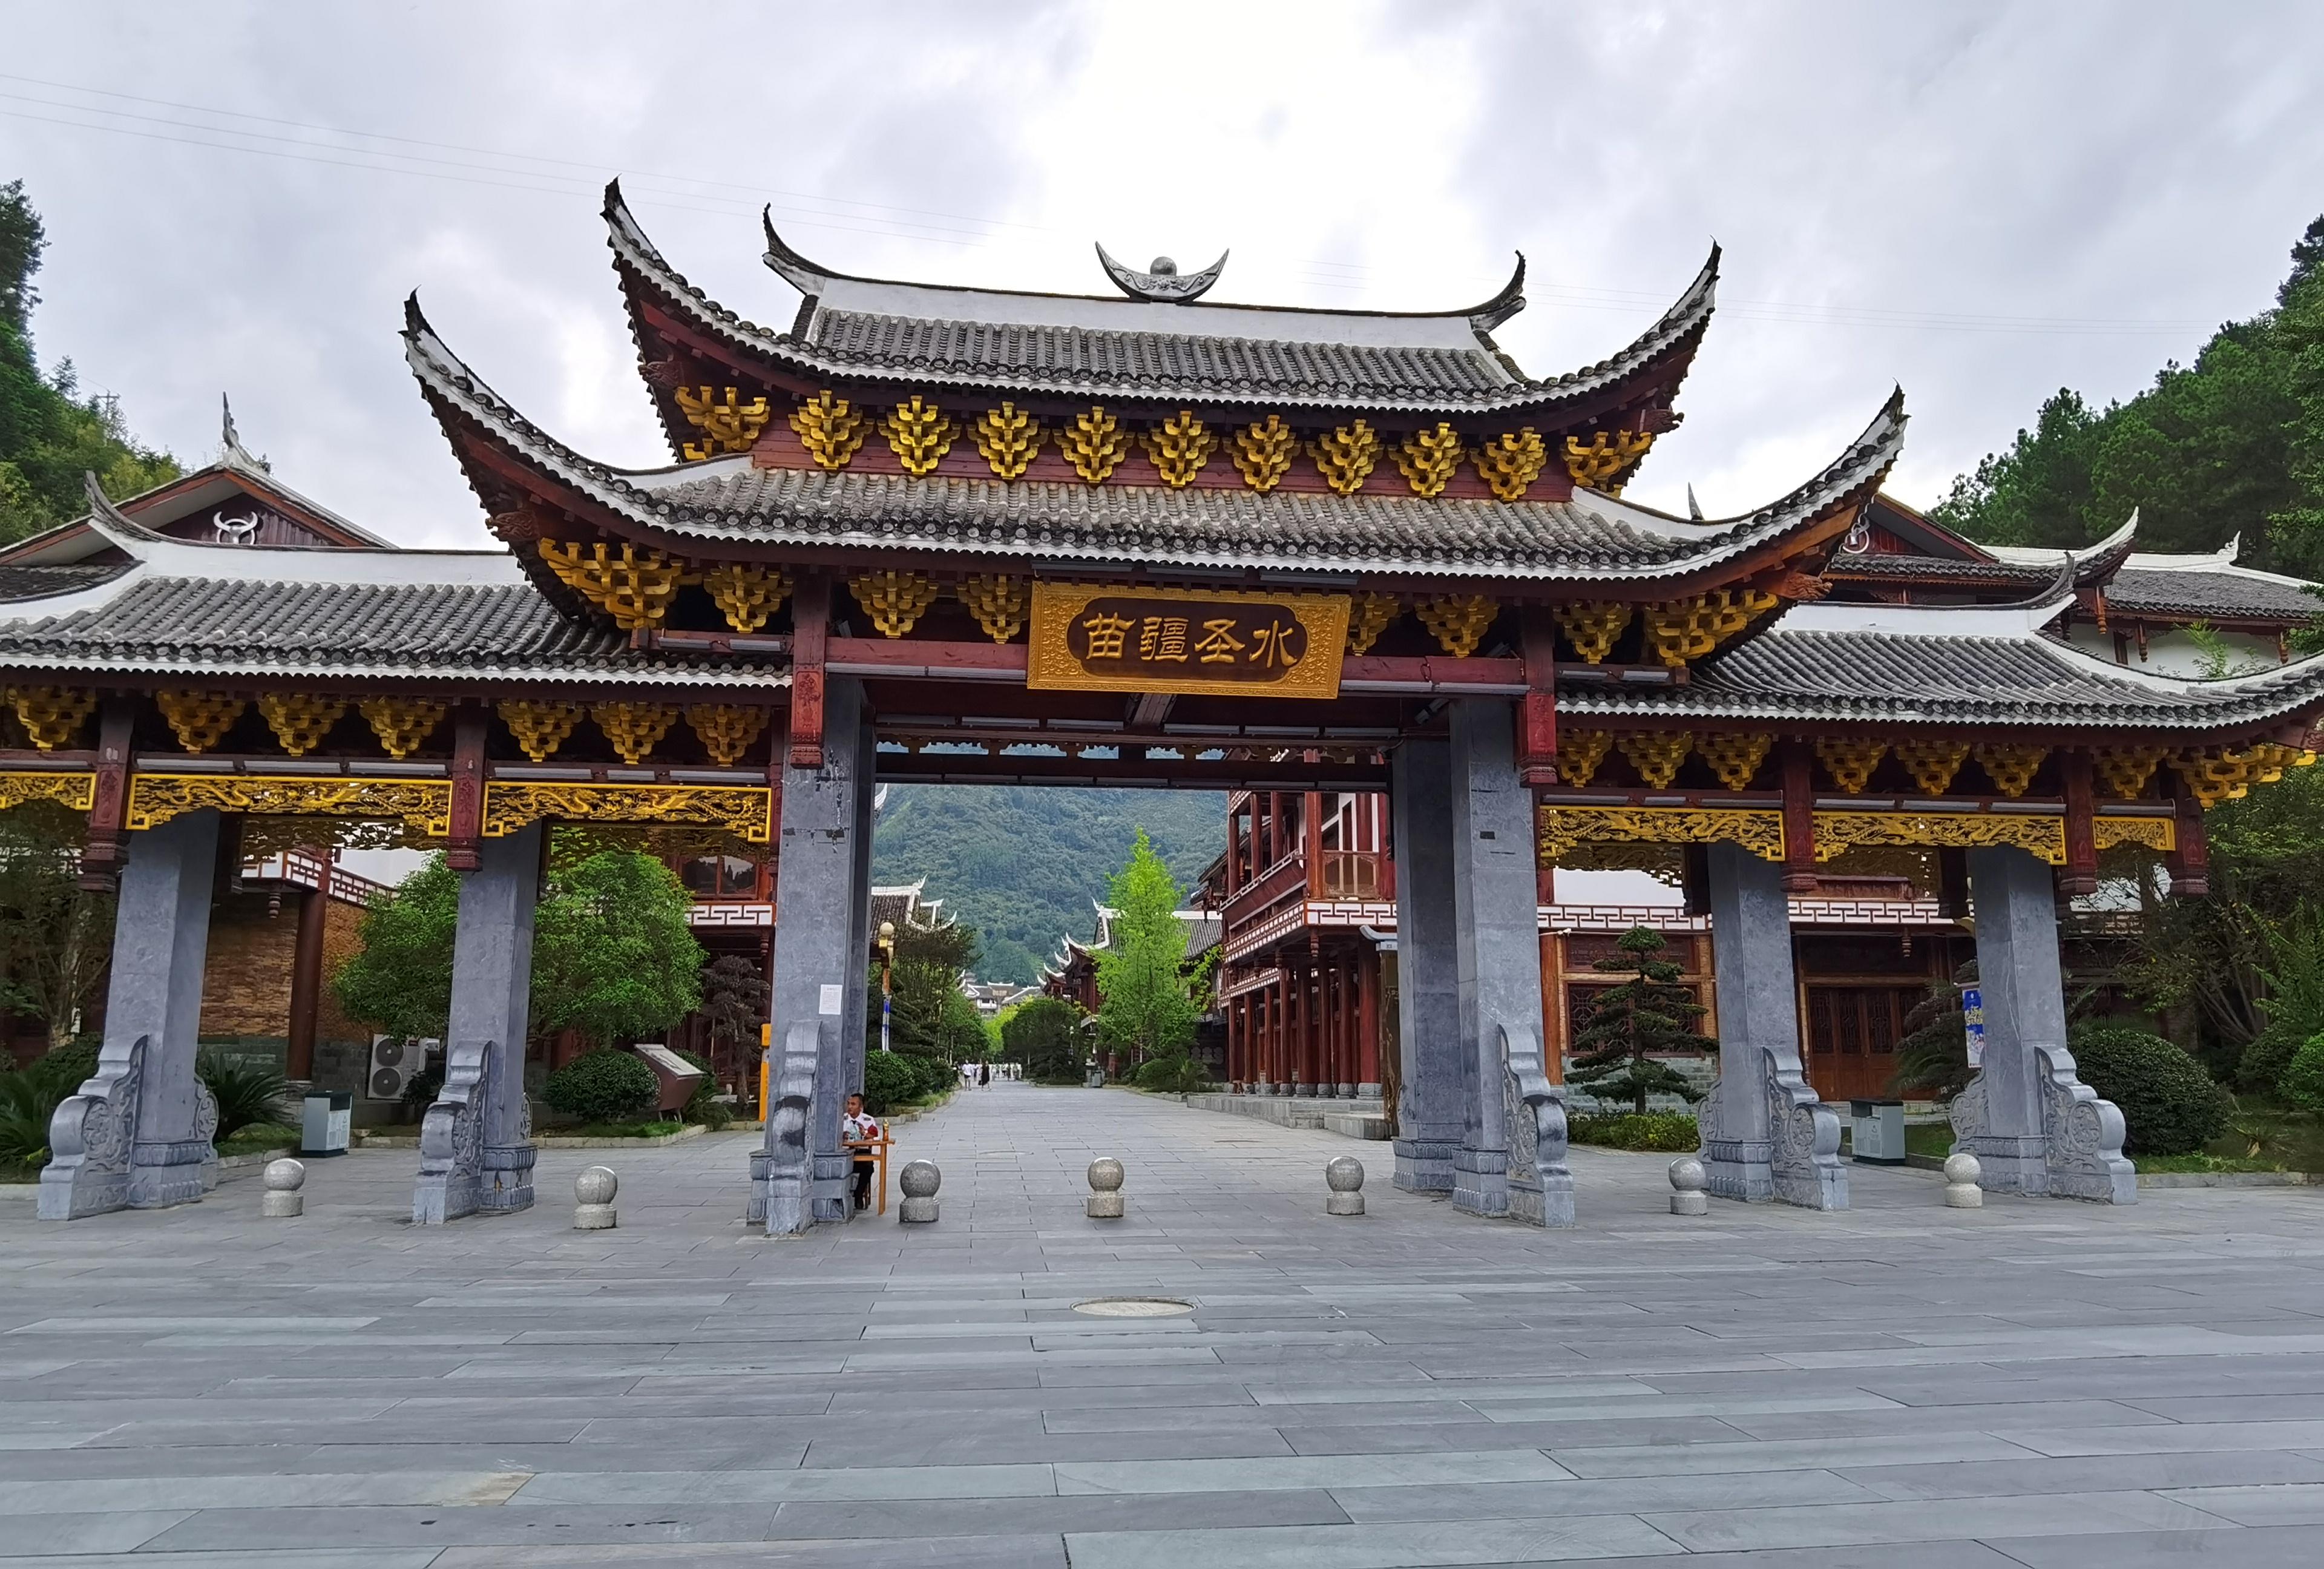 劍河溫泉城建設及裝飾項目